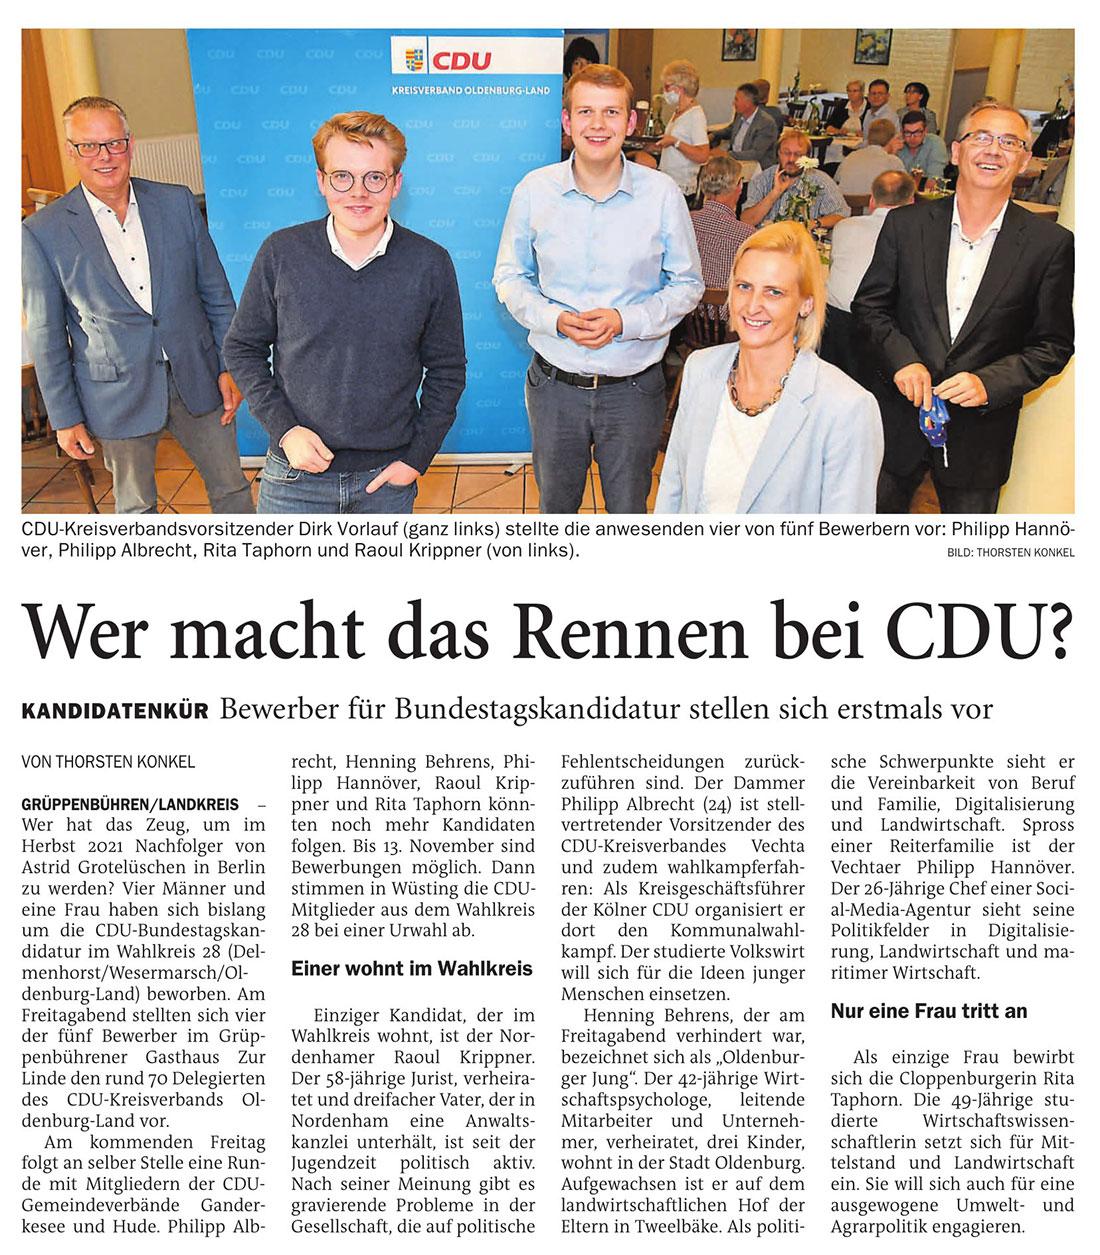 Wer macht das Rennen bei der CDU?Grüppenbühren/Landkreis // Kandidatenkür: Bewerber für Bundestagskandidatur stellen sich erstmals vorArtikel vom 05.09.2020 (NWZ)